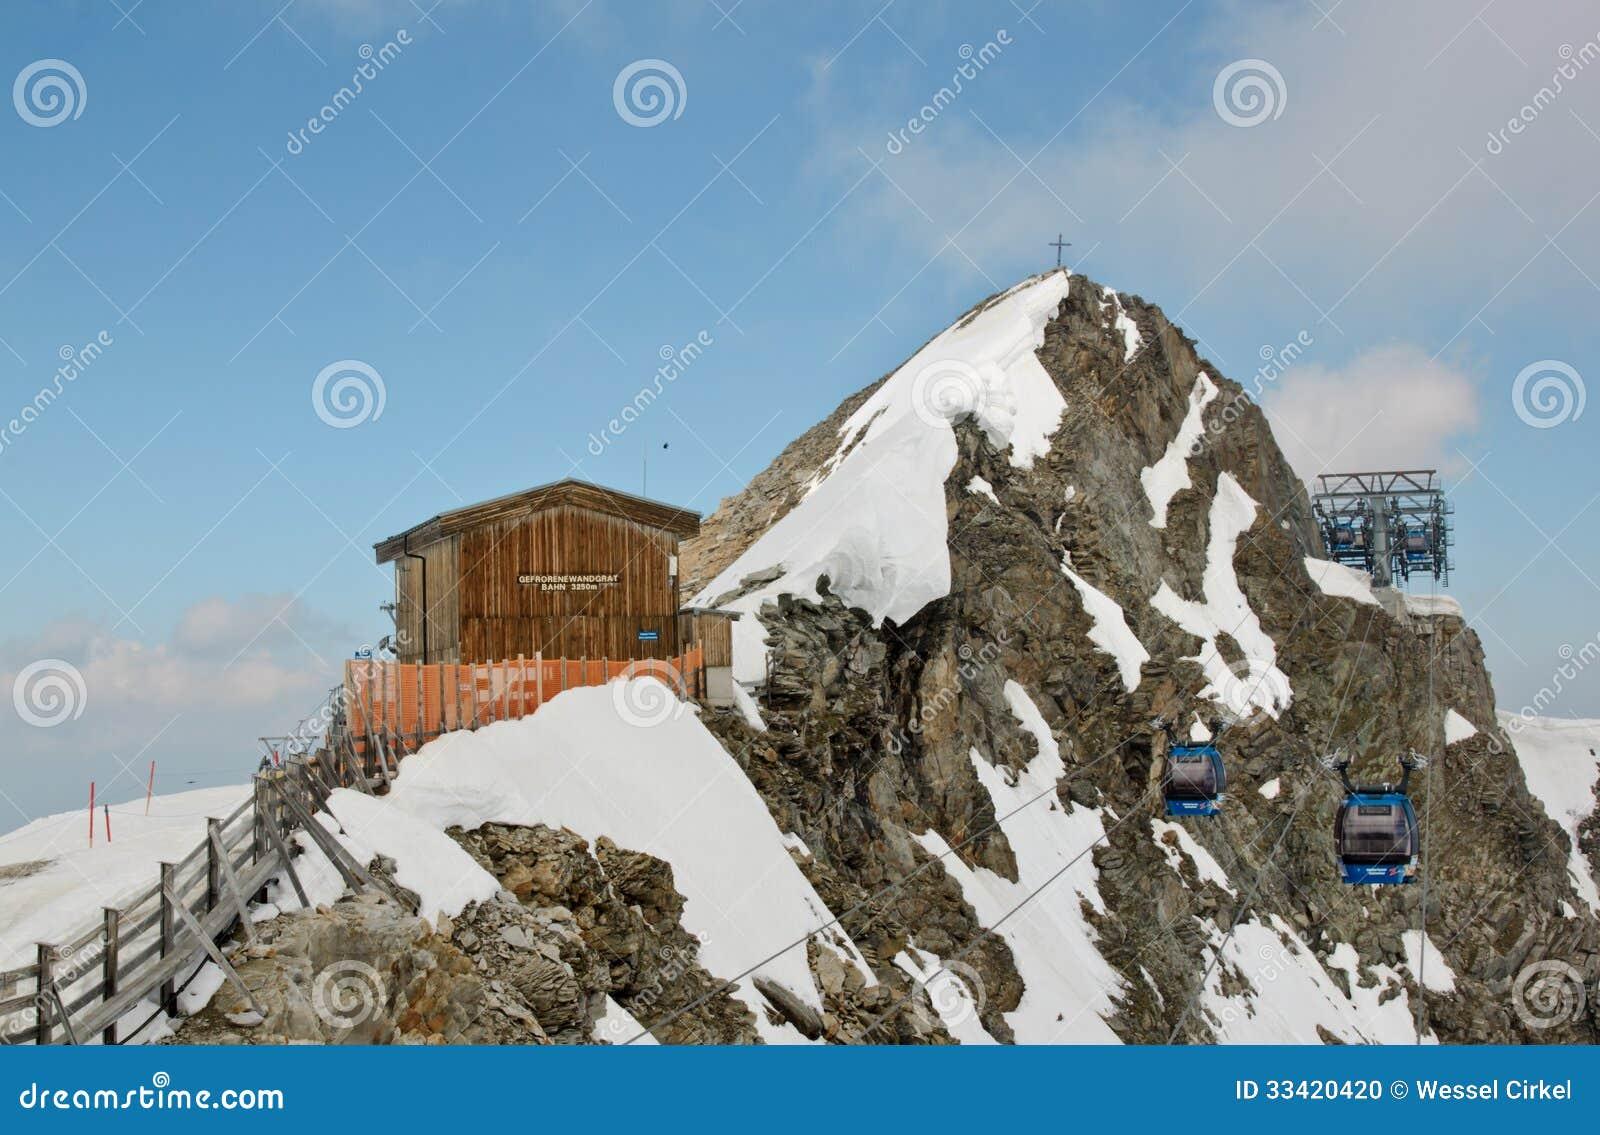 Hintertux Glacier Austria  City new picture : cableway lift to hintertux glacier austria gletscherbus which surely ...